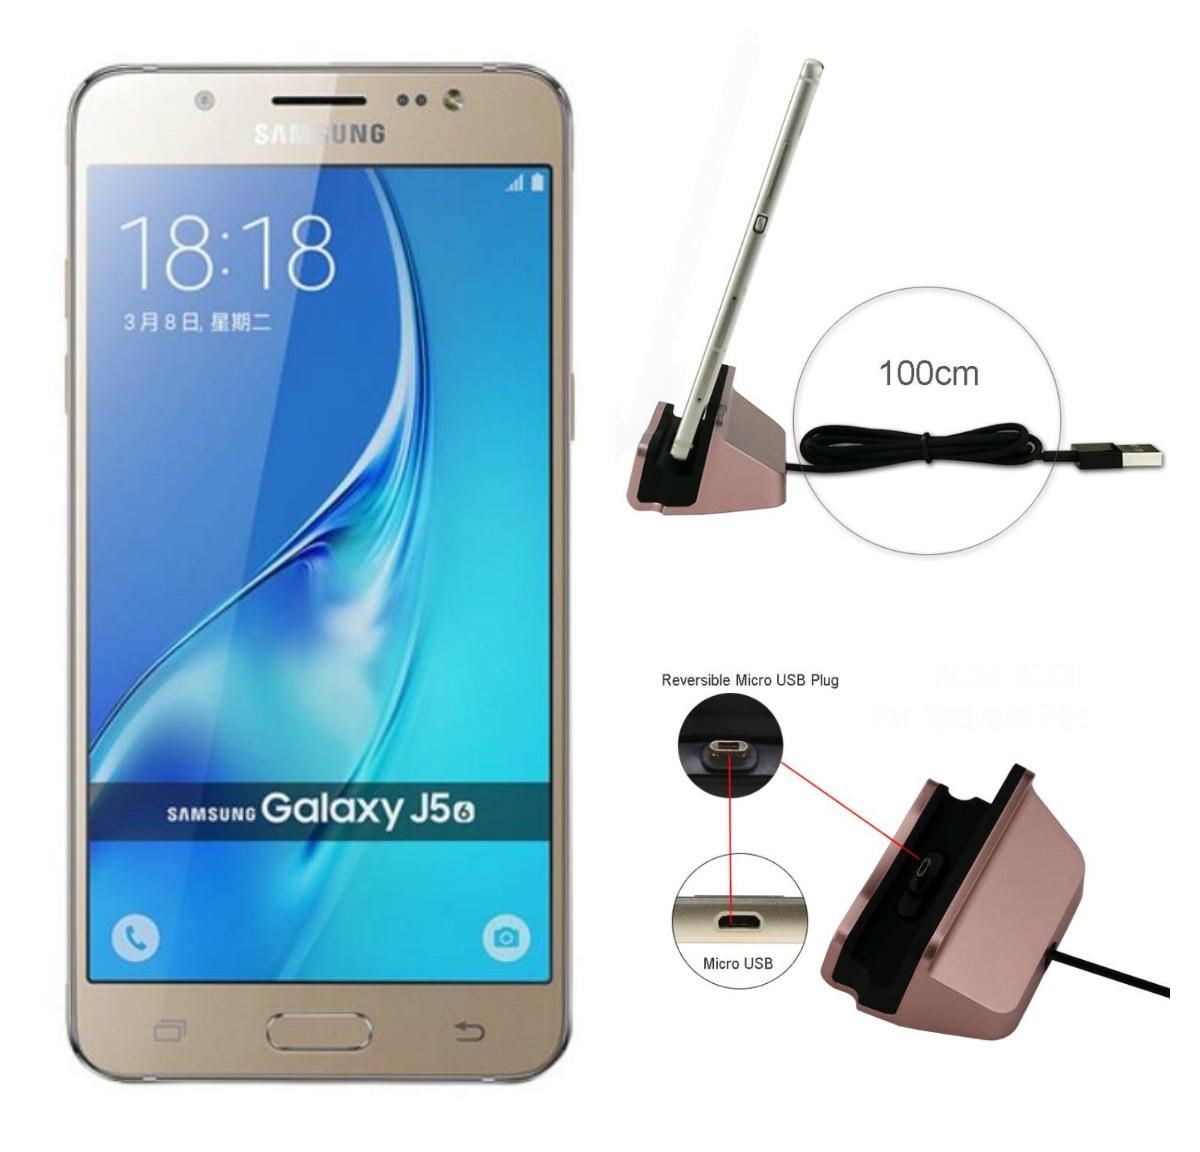 Cepat Pengisian Micro USB Dock Station Untuk Samsung Galaxy J1 J3 J5 - Aksesori dan suku cadang ponsel - Foto 1